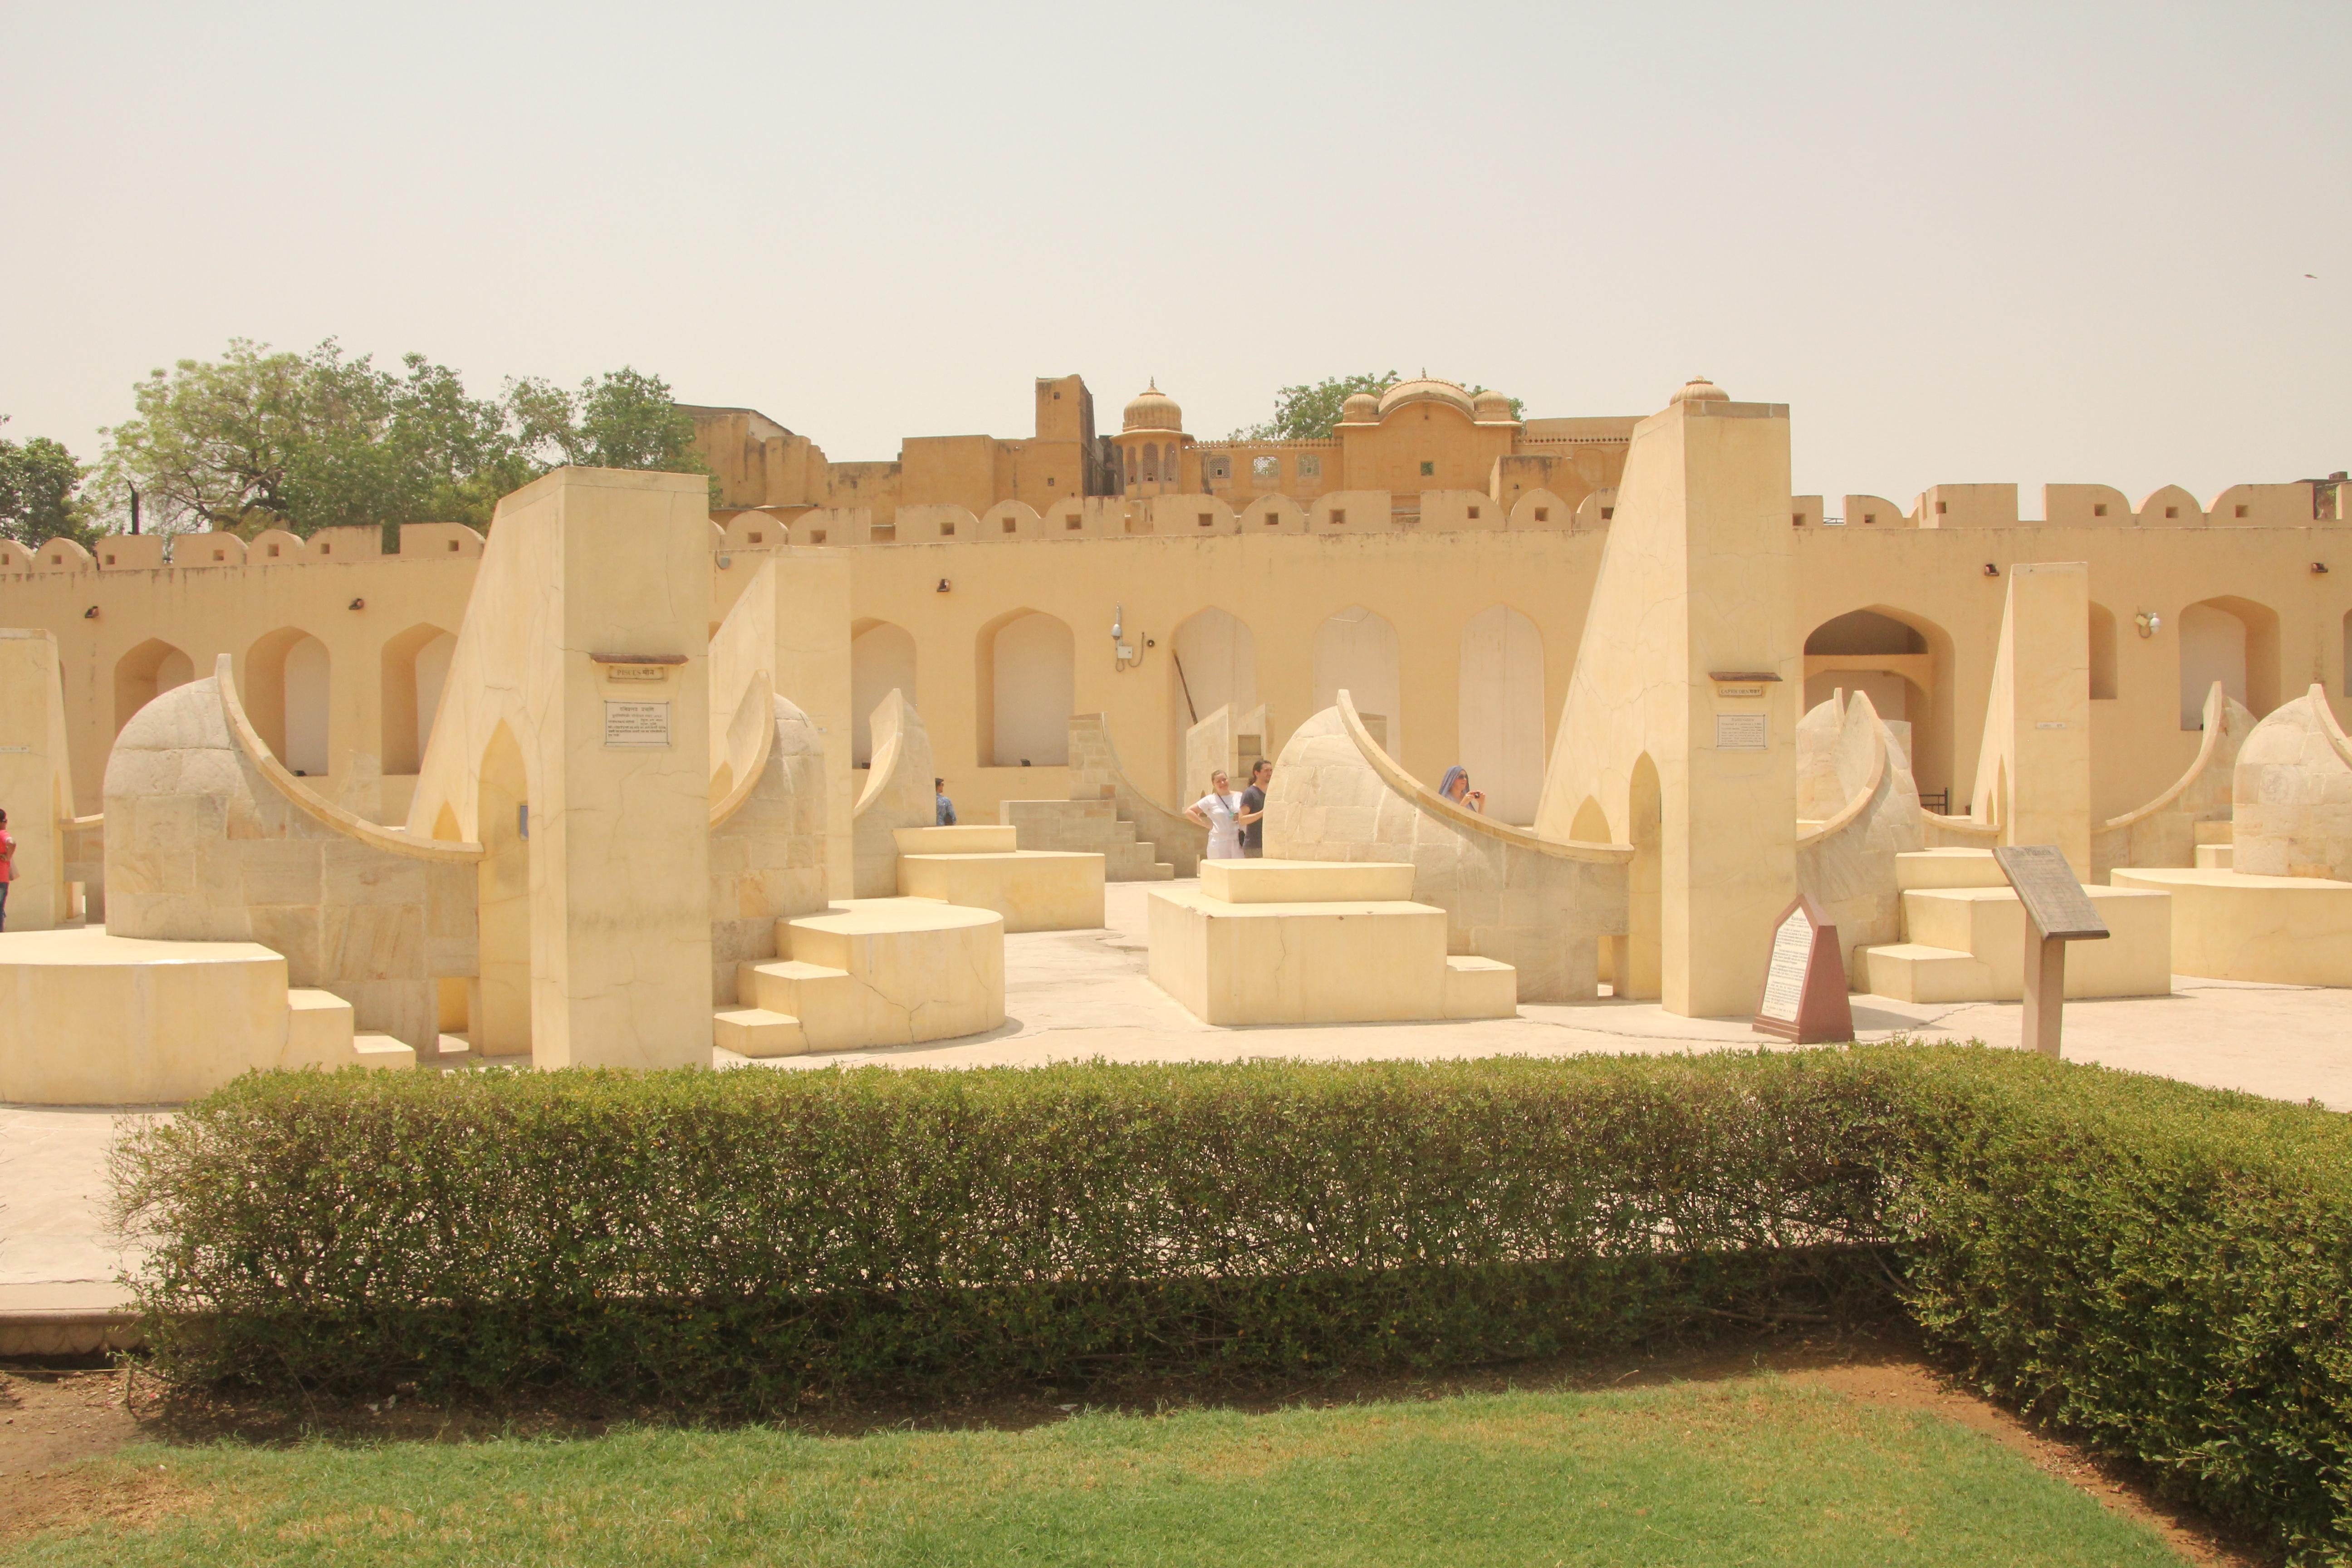 Jantar Mantar w Jaipurze (zdj. Krzysztof Bońkowski)